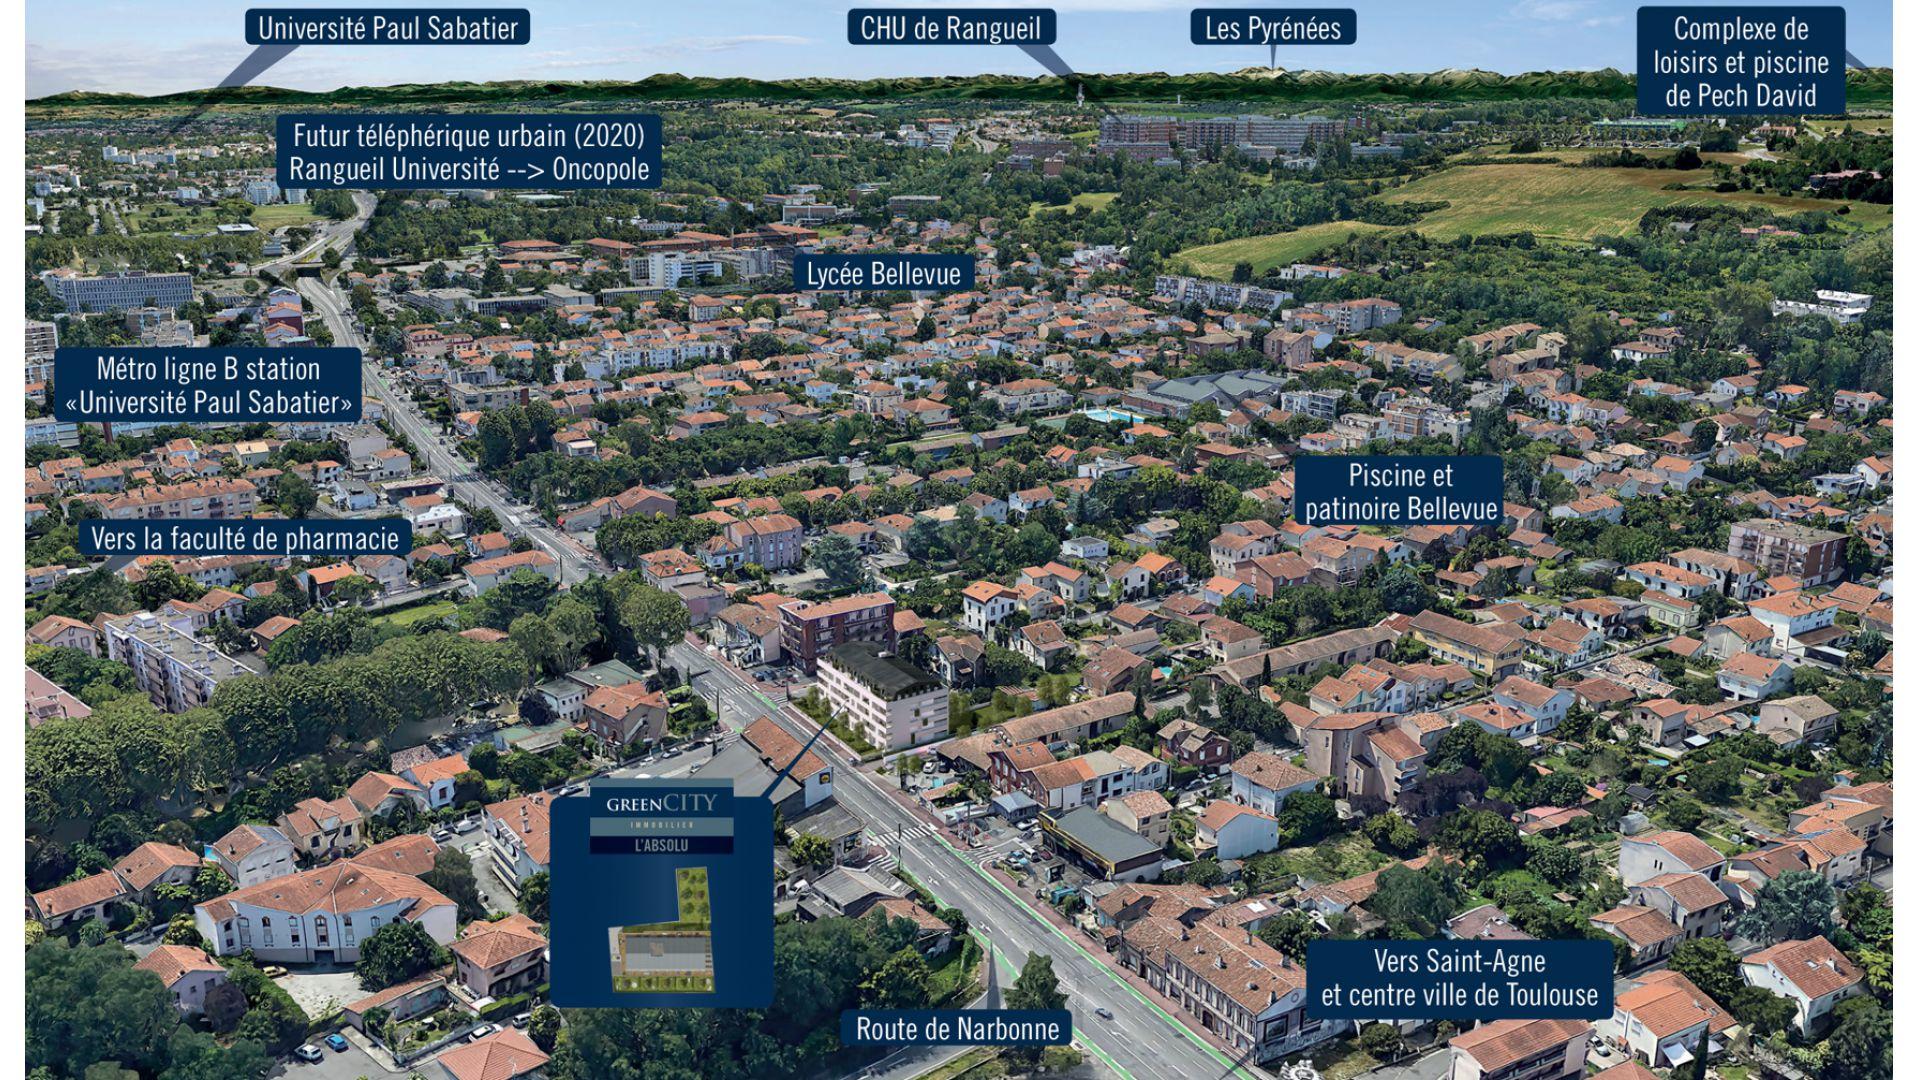 GreenCity immobilier - Toulouse - route de Narbonne - 31400 - Résidence L'Absolu - appartements neufs du T2 au T4 - insertion paysagère